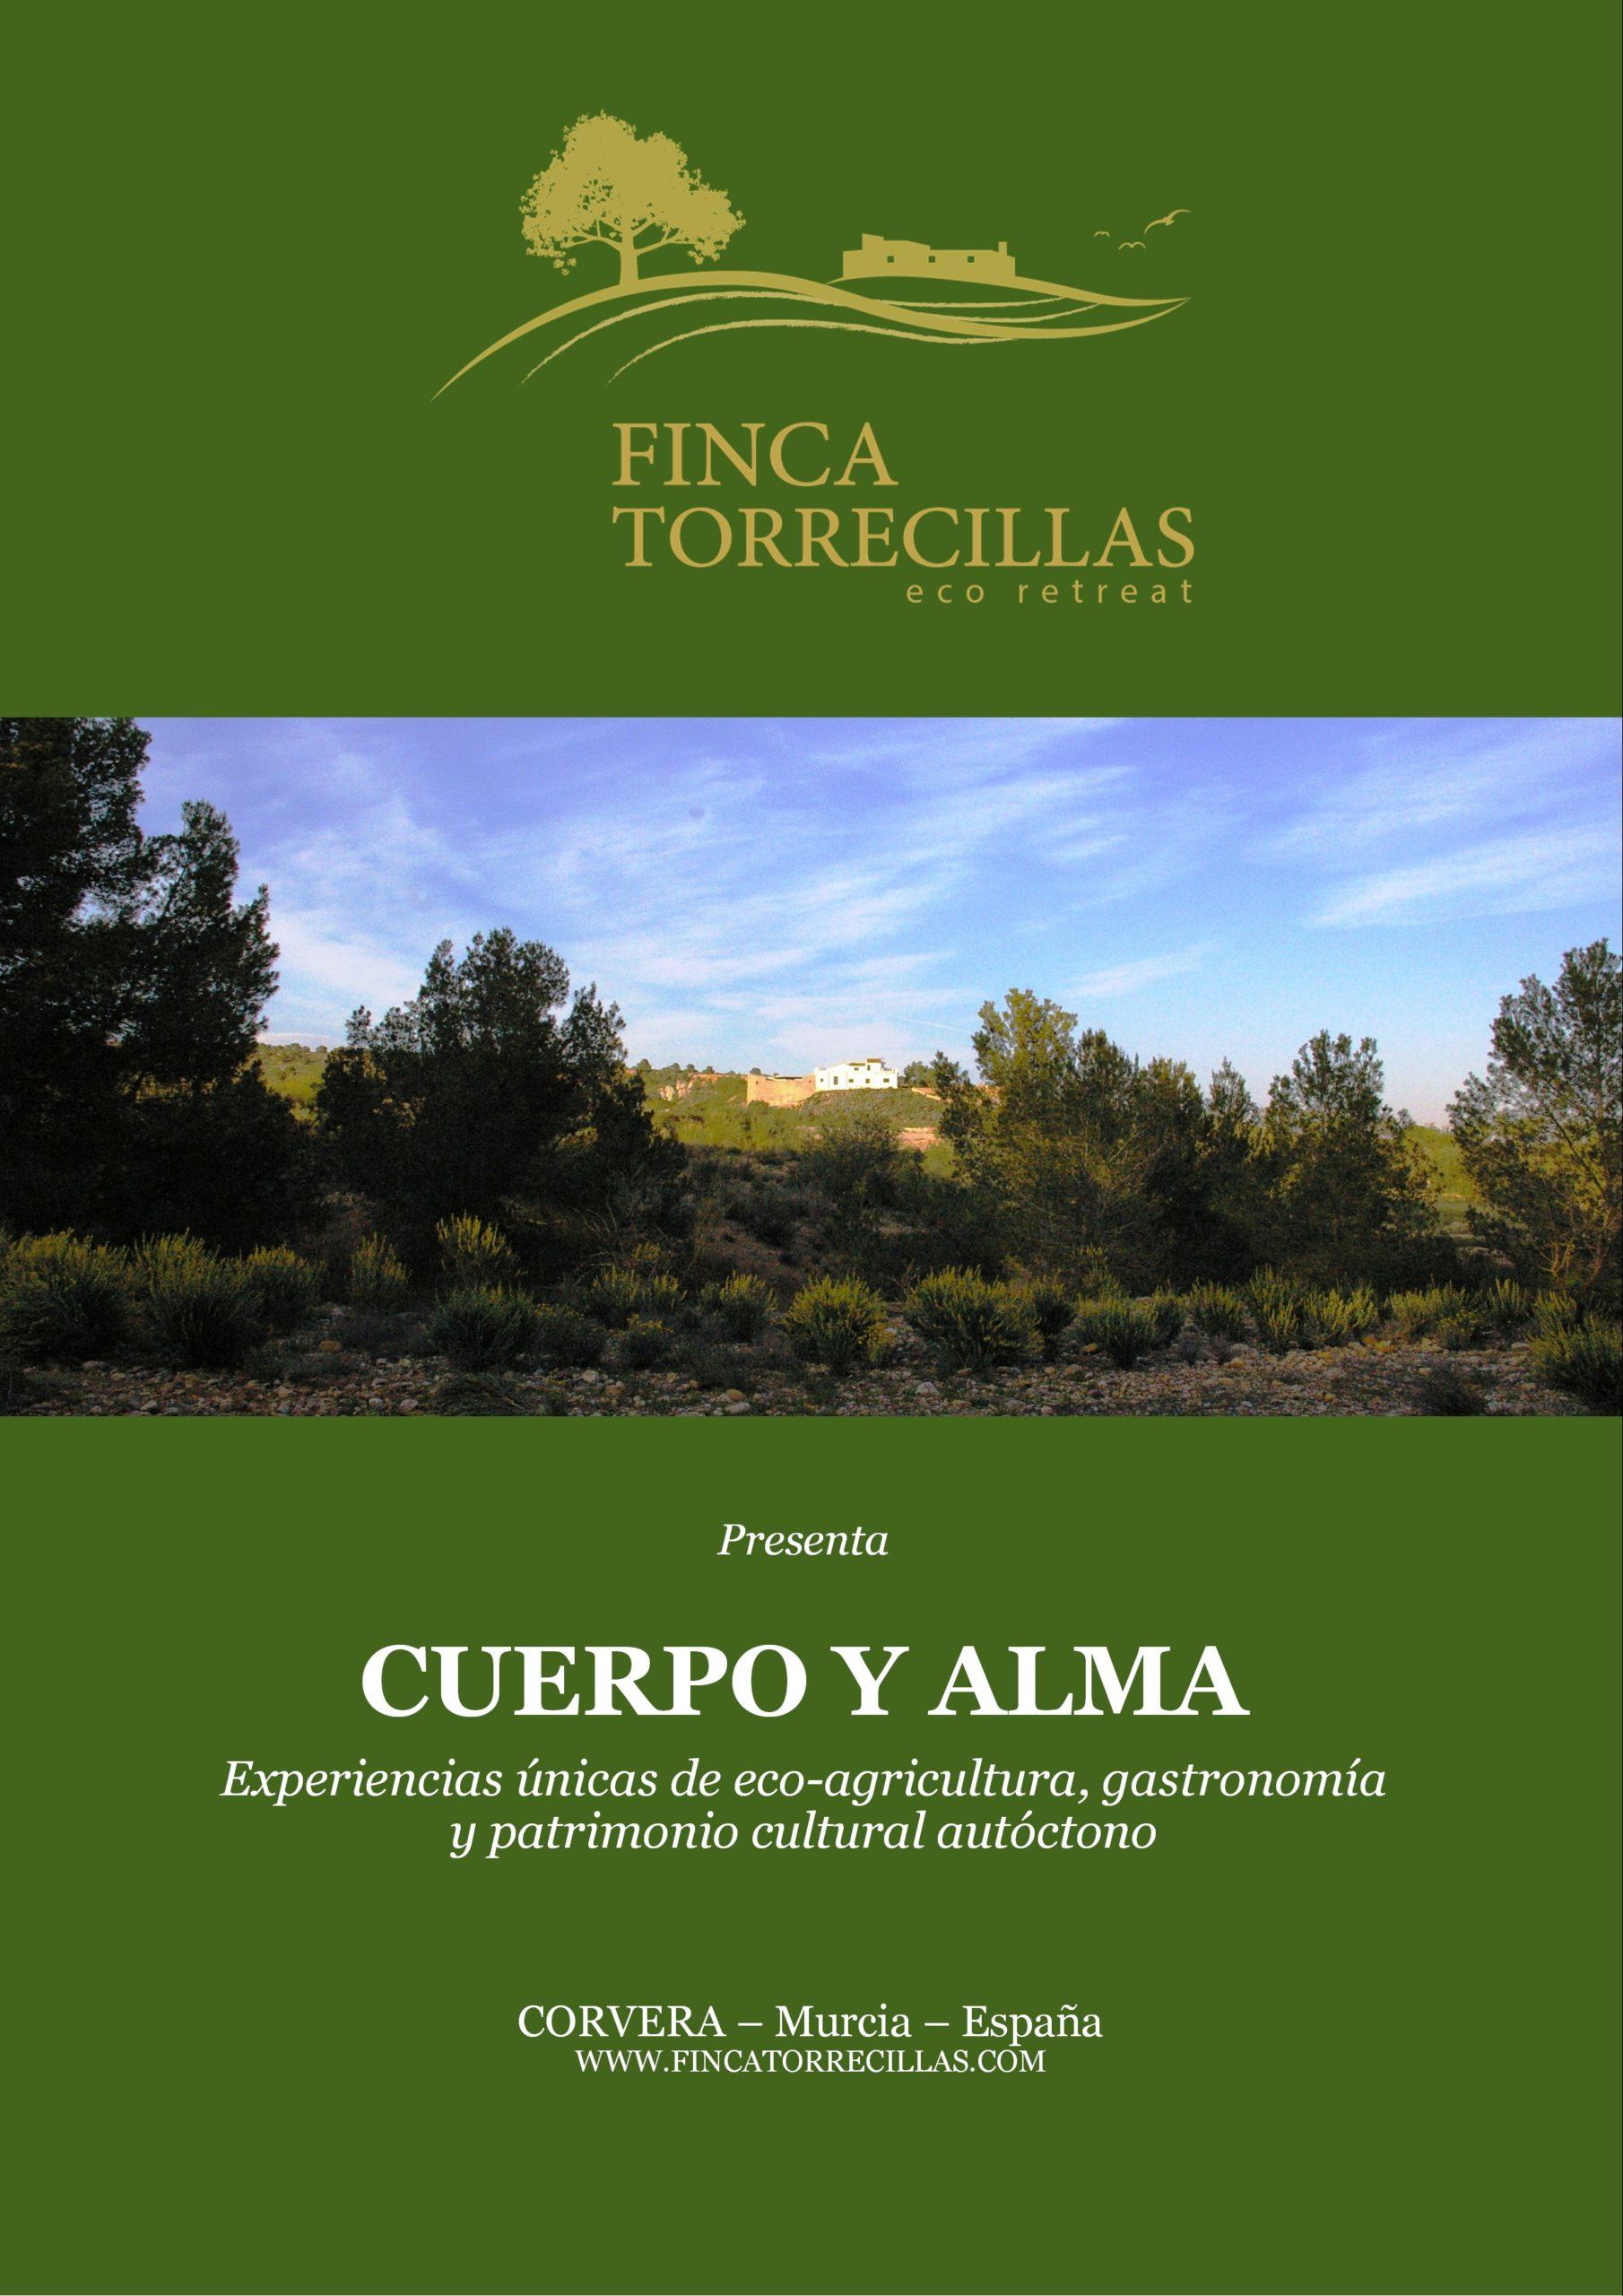 CUERPO Y ALMA:  nuevo catálogo actividades eco turísticas 2021